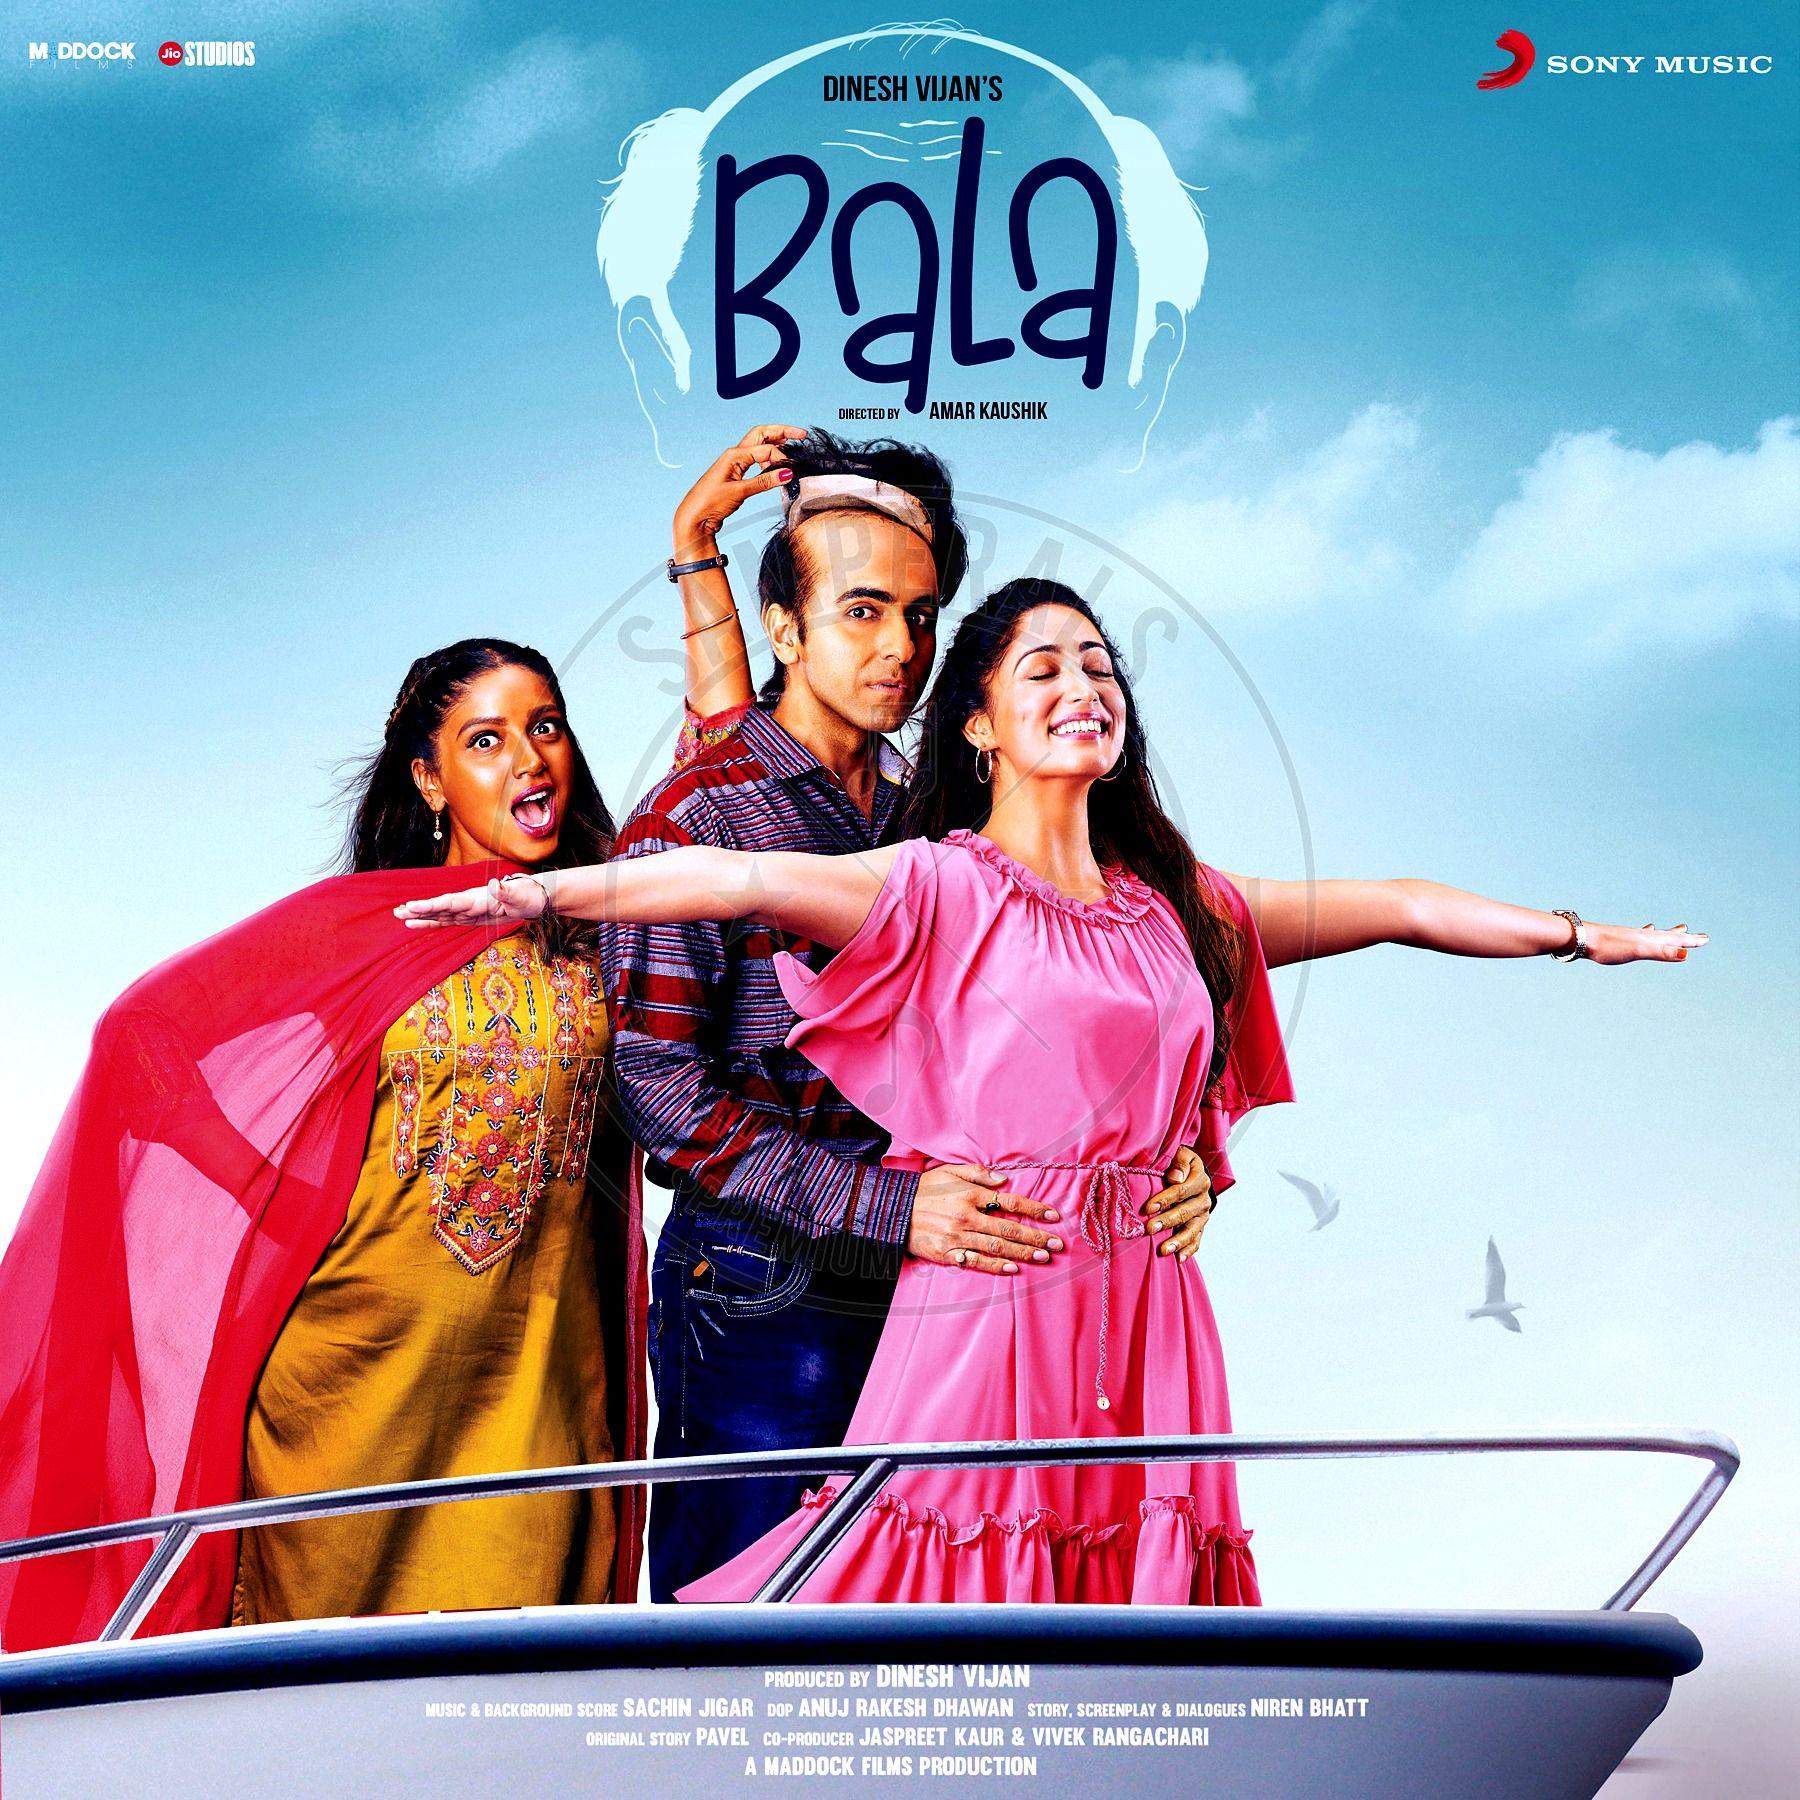 Bala 2019 Digitalrip Wav Hindi Movies Mp3 Song Mp3 Song Download